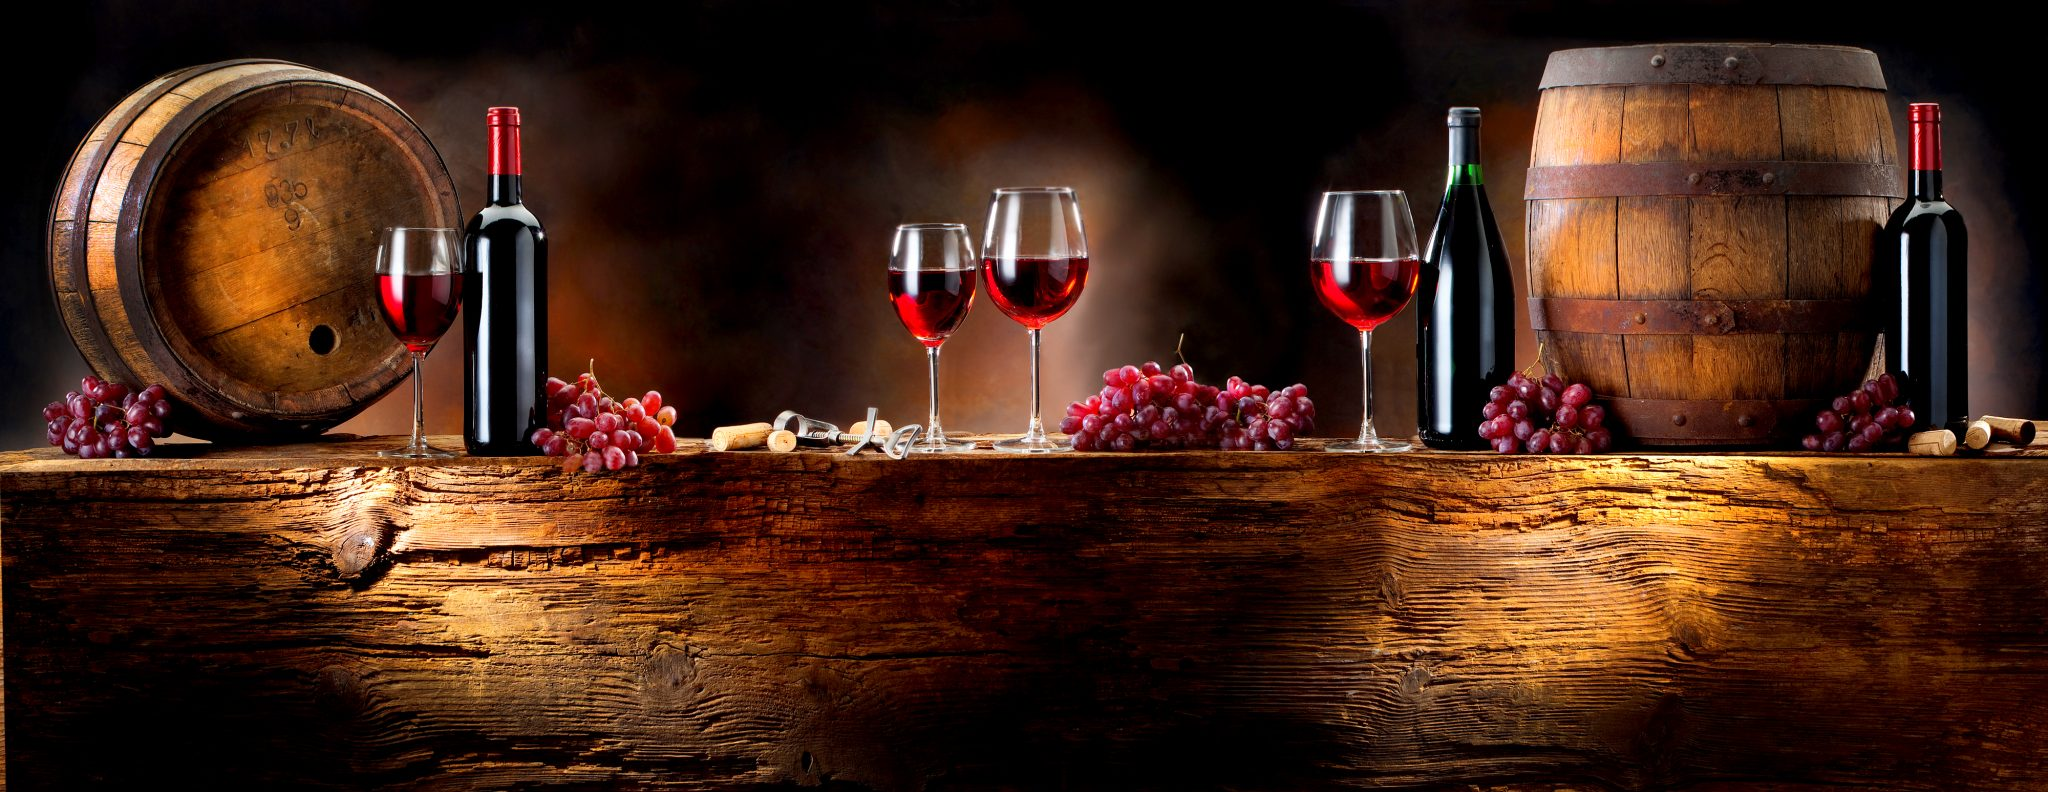 赤ワインとワインを作っている樽